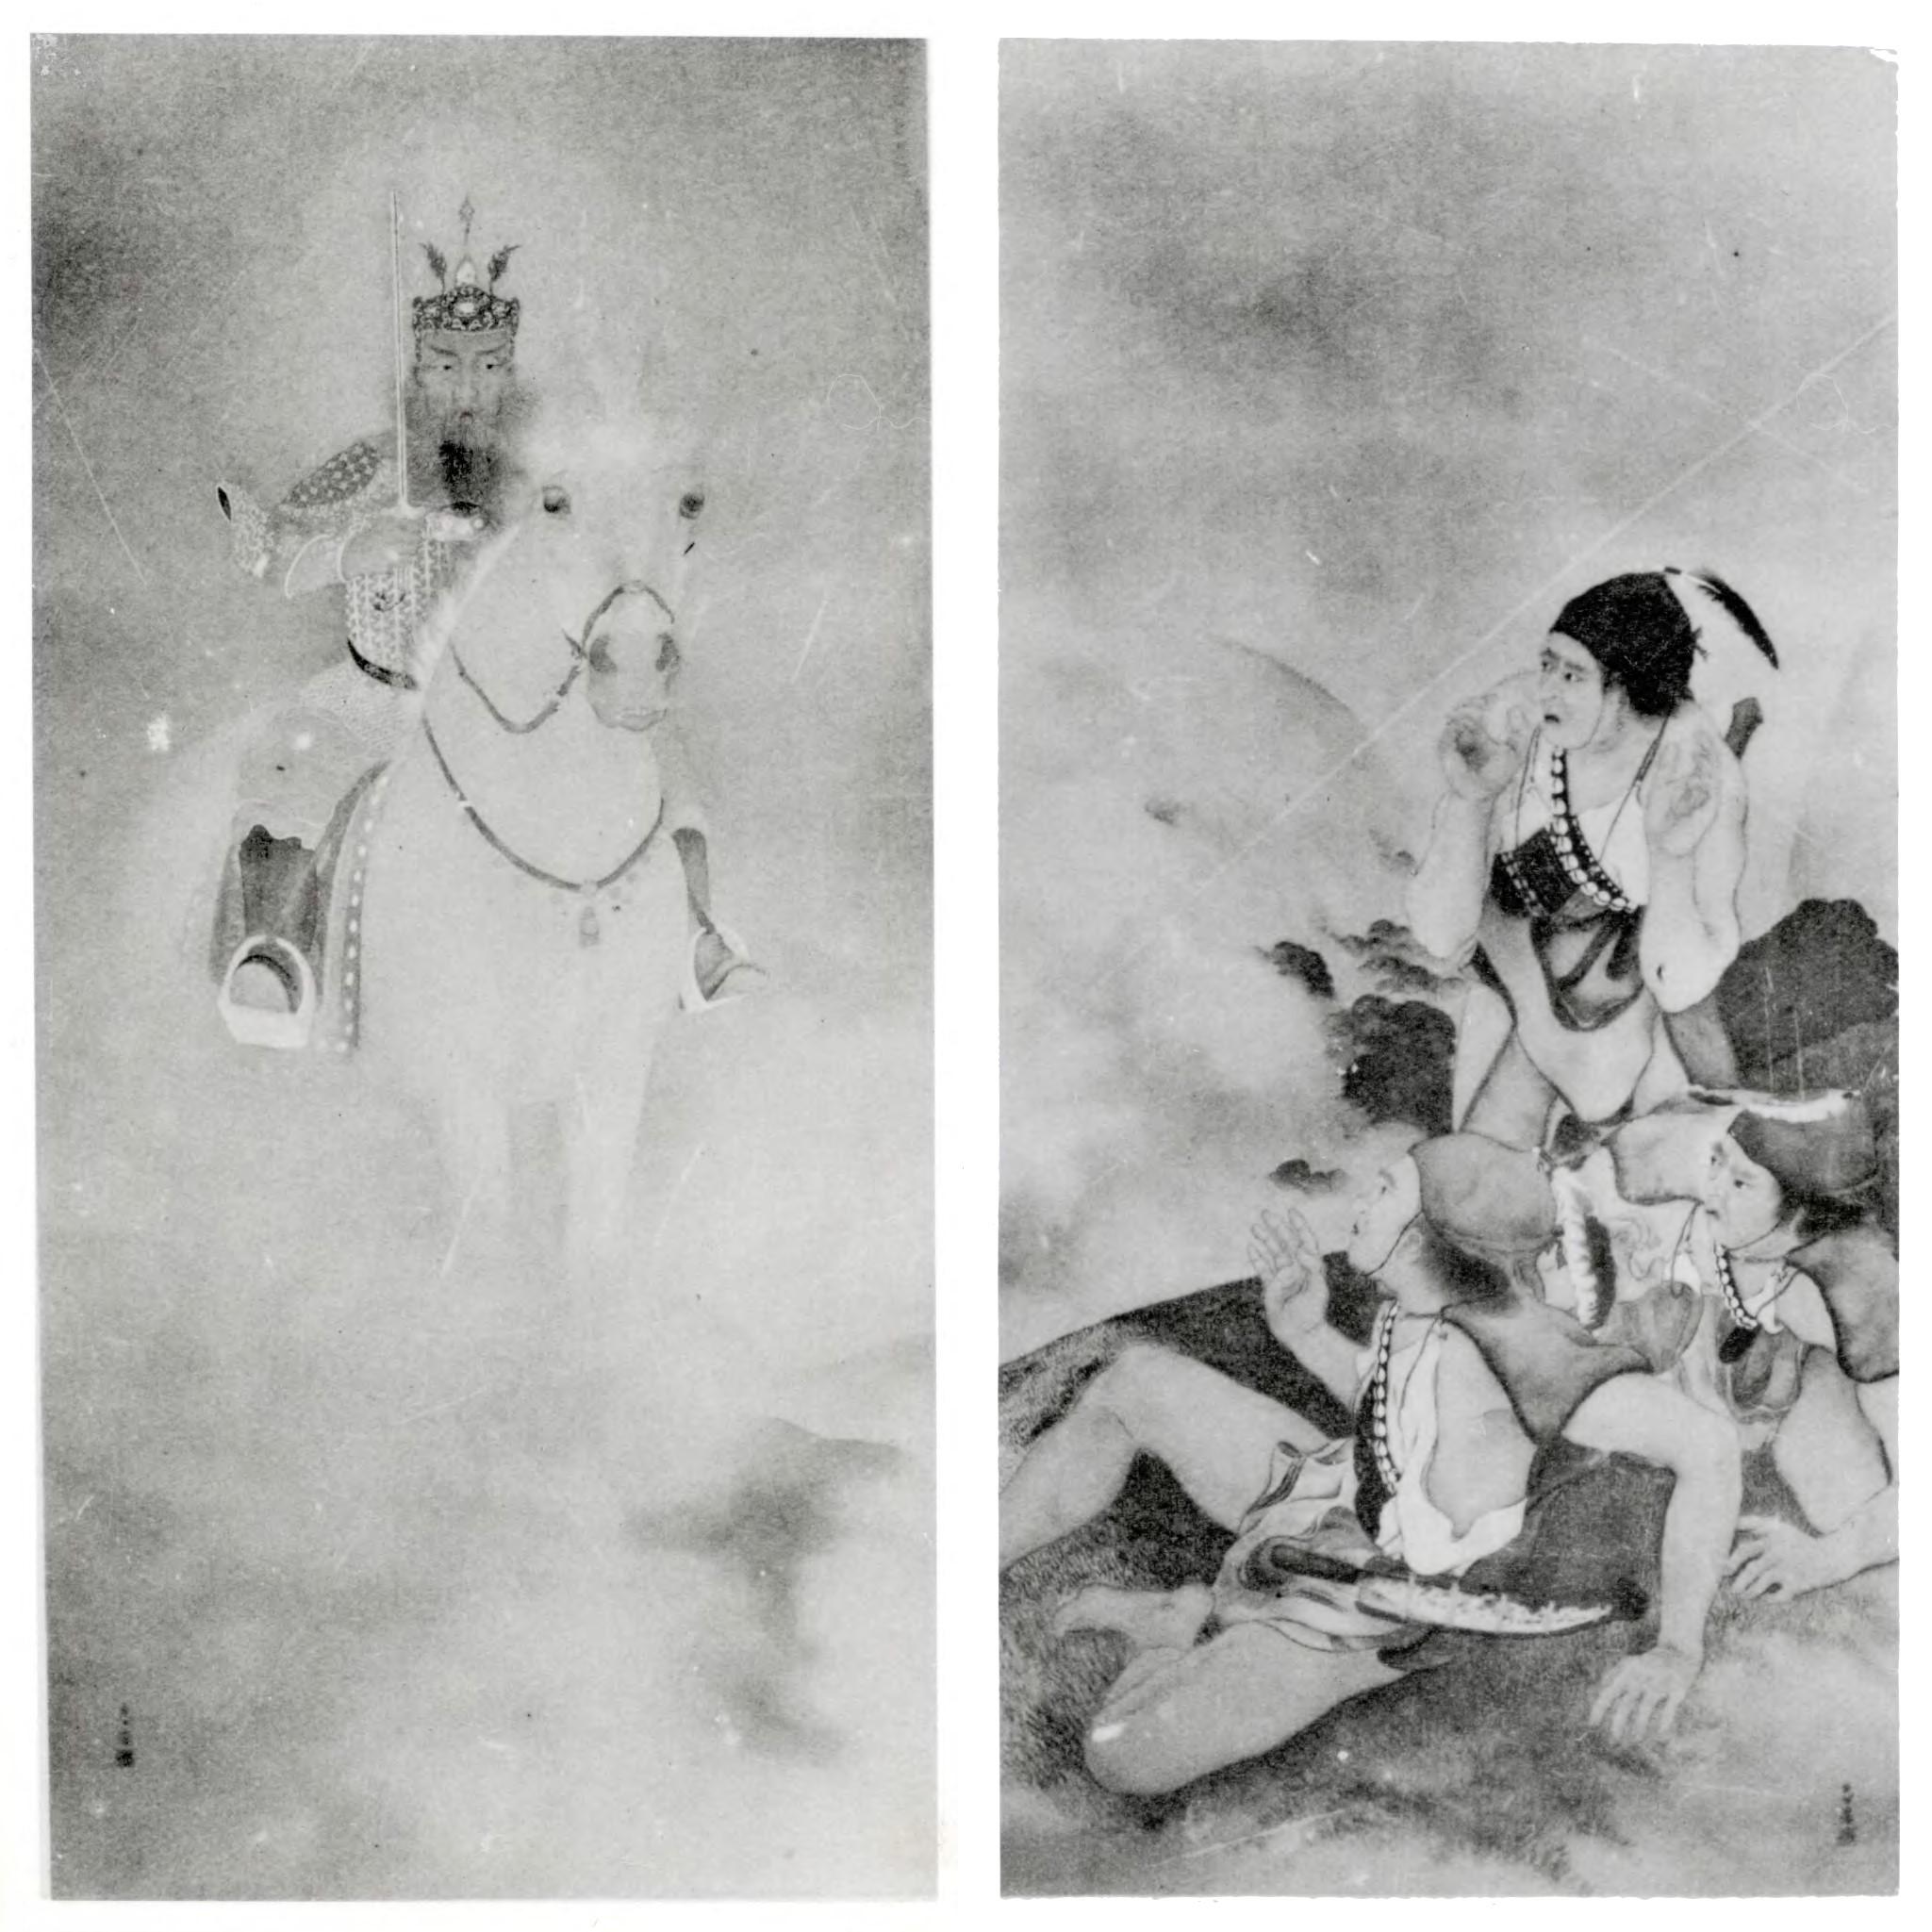 【名單之後】參與嘉南大圳建設與吳鳳神話塑造的大岡春濤